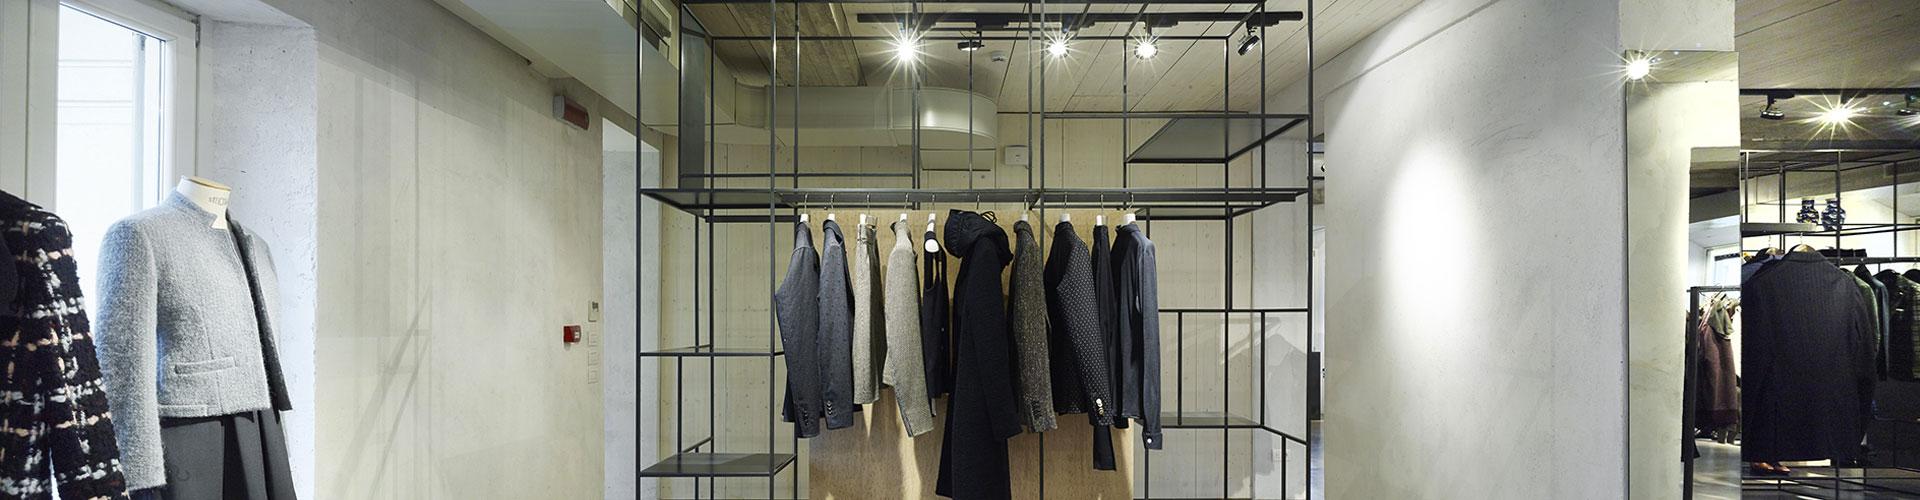 Progettazione interni showroom Milano - Lardini - 35a Studio di ...